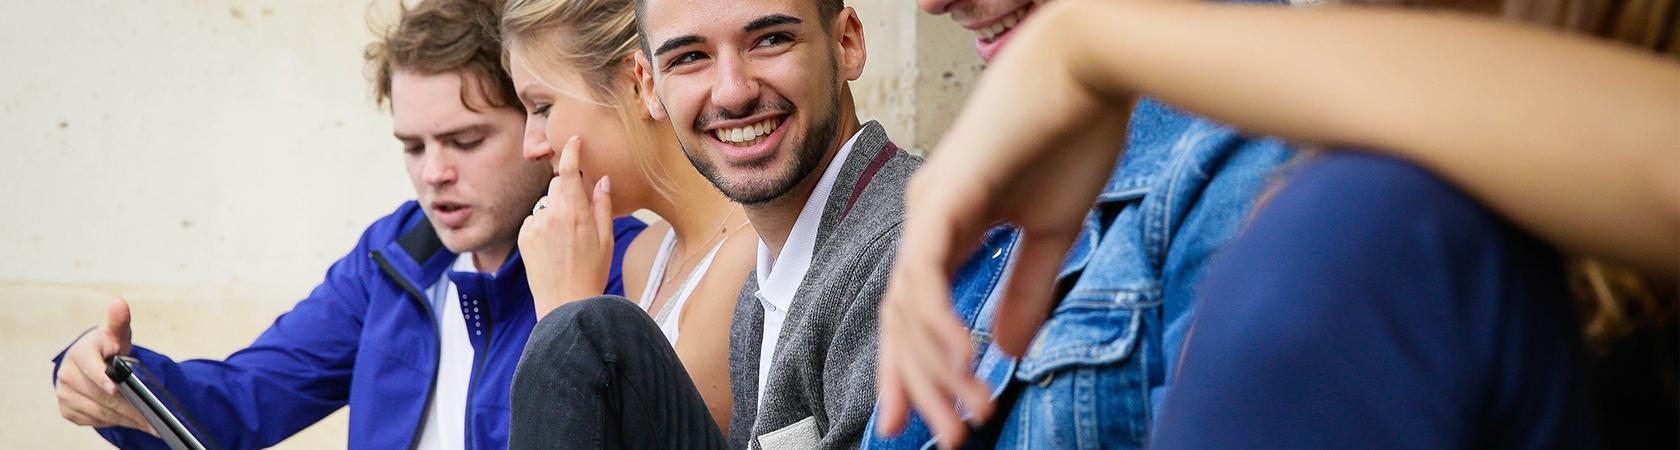 Prise de RDV personnalisé - MBA Digital Marketing & Business EFAP Lille